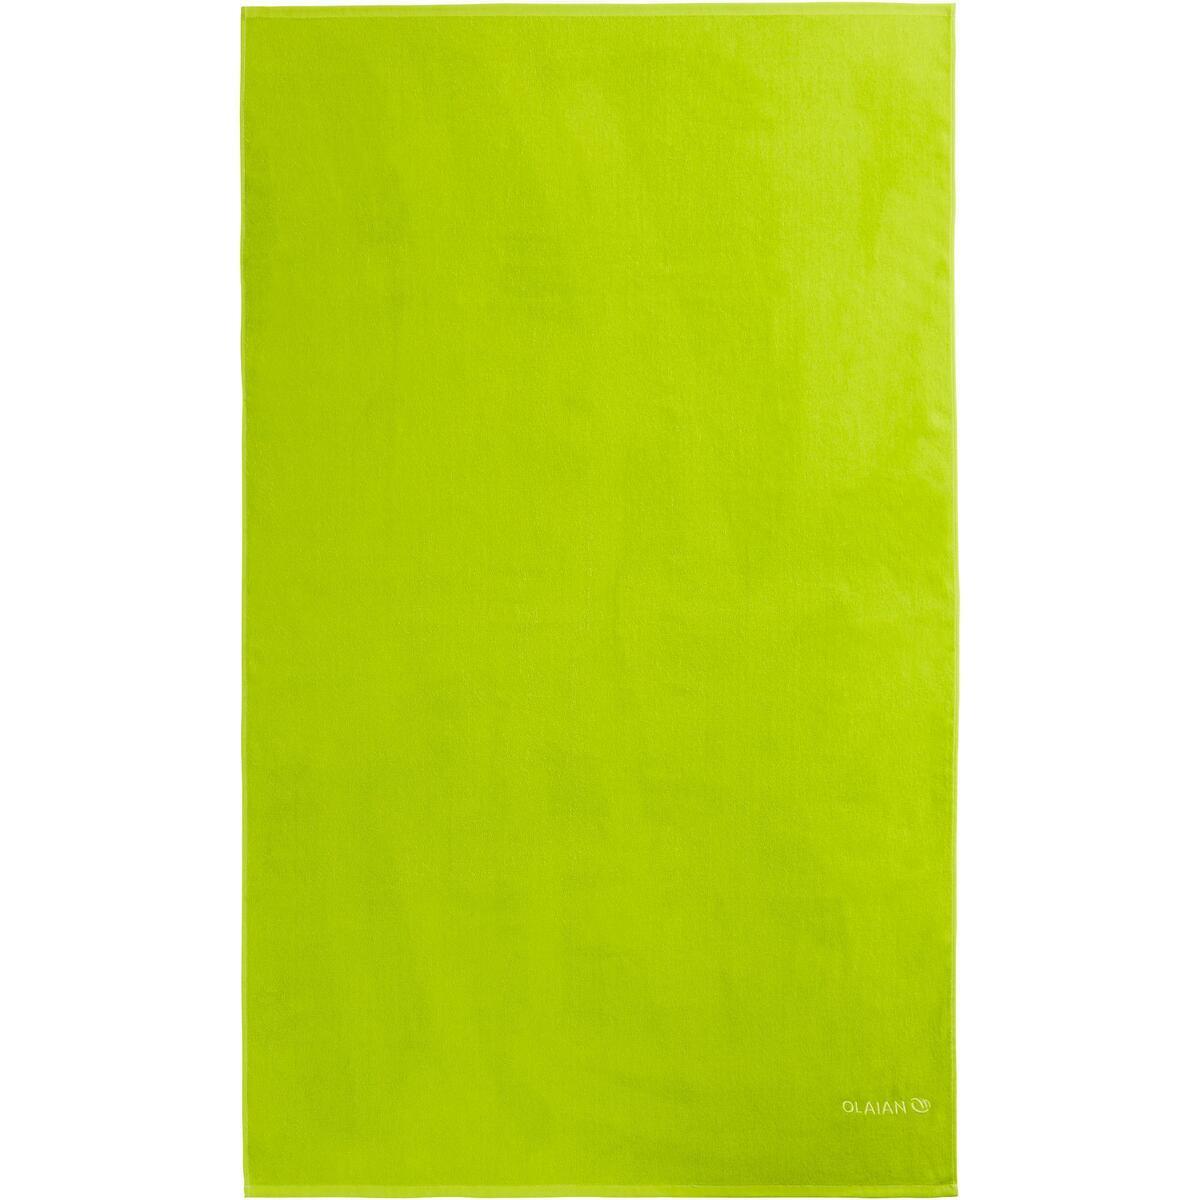 Bild 1 von Strandhandtuch Basic L 145 נ85 cm grün